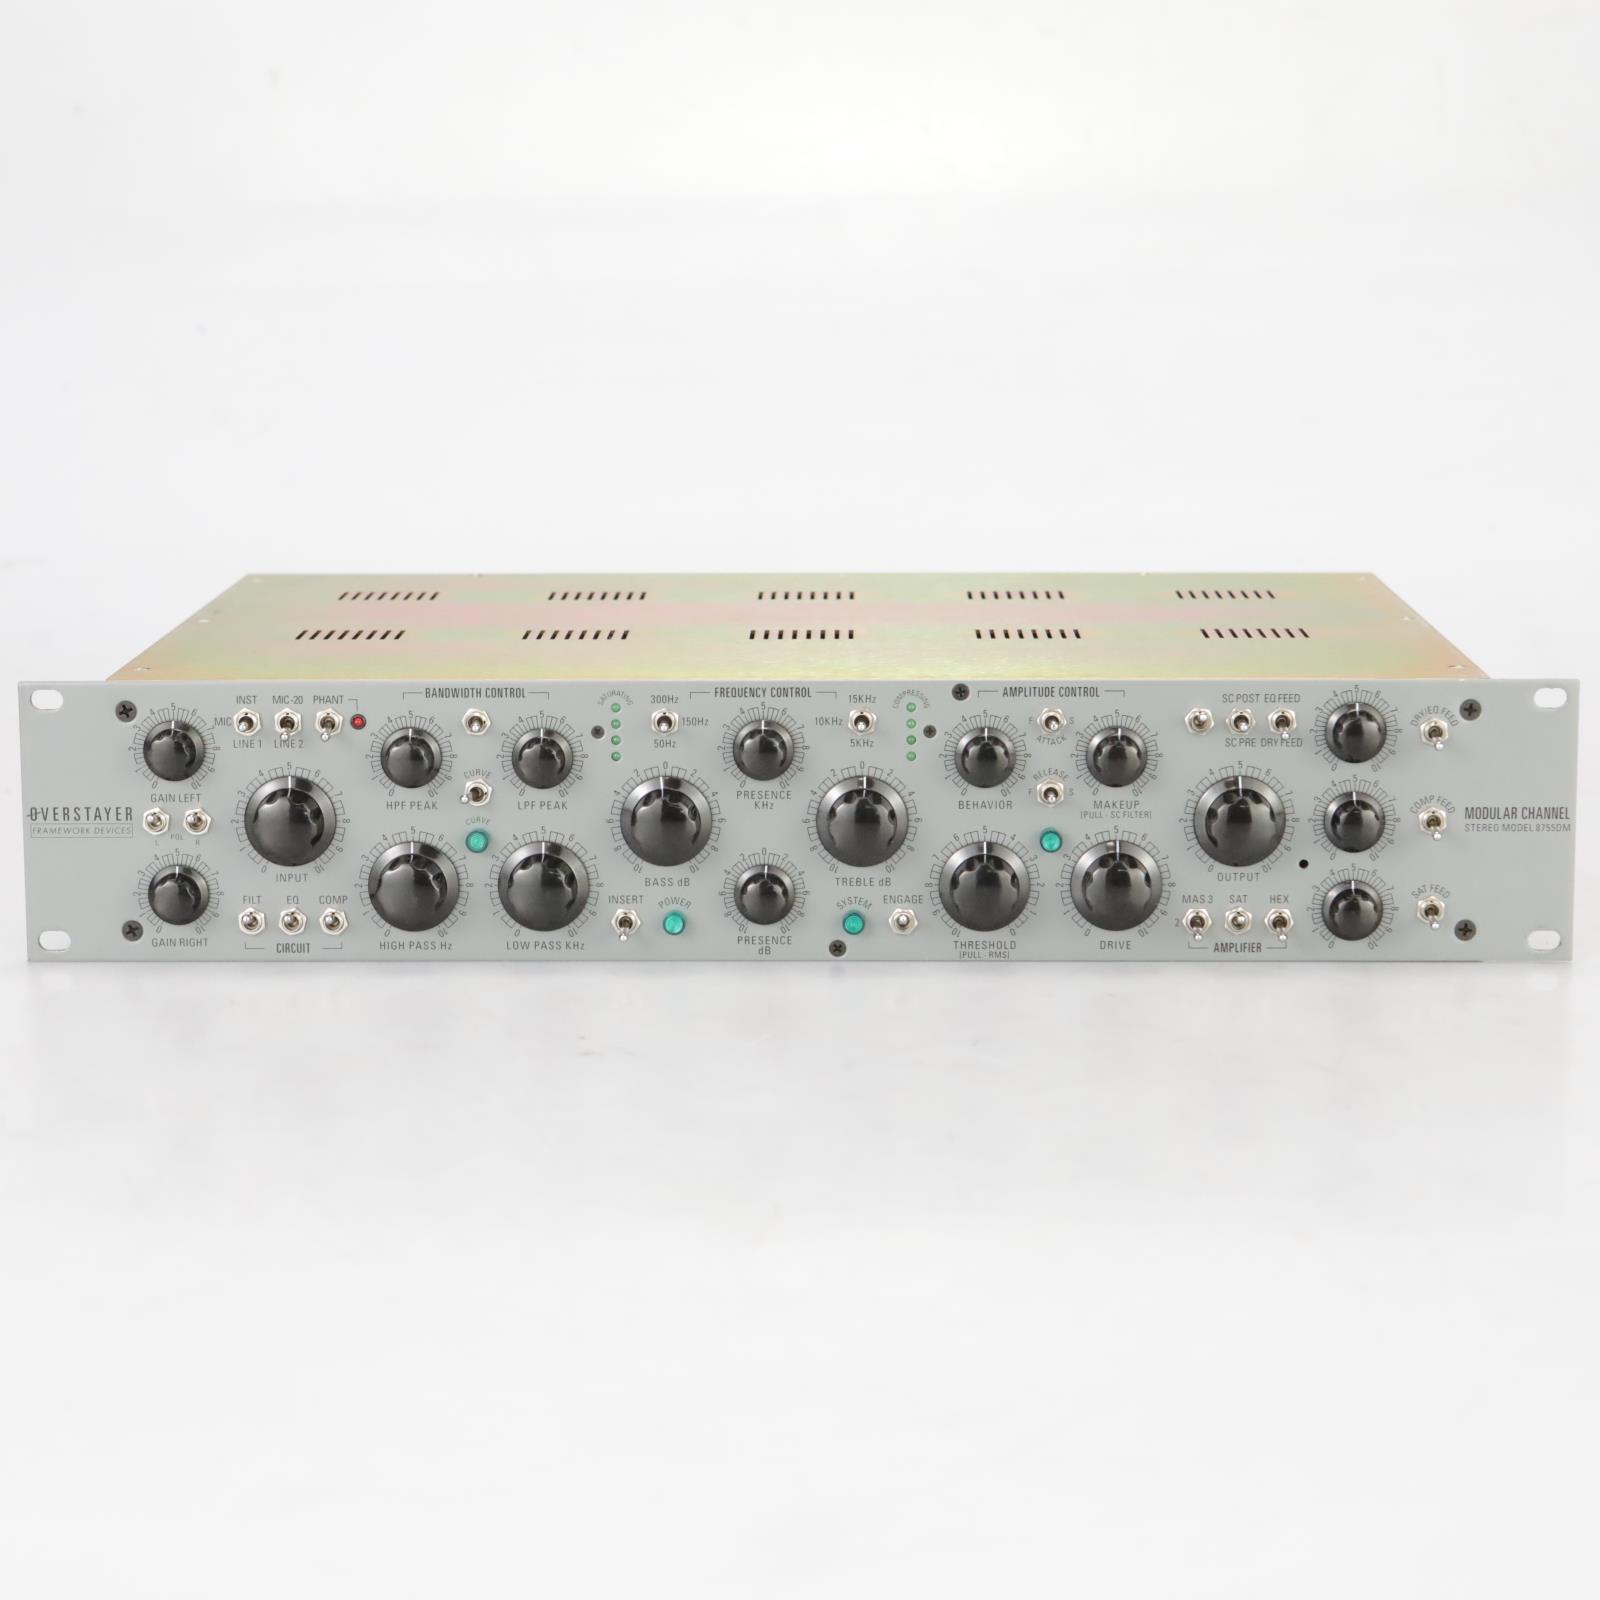 Overstayer Modular Channel Stereo Model 8755DM #37861